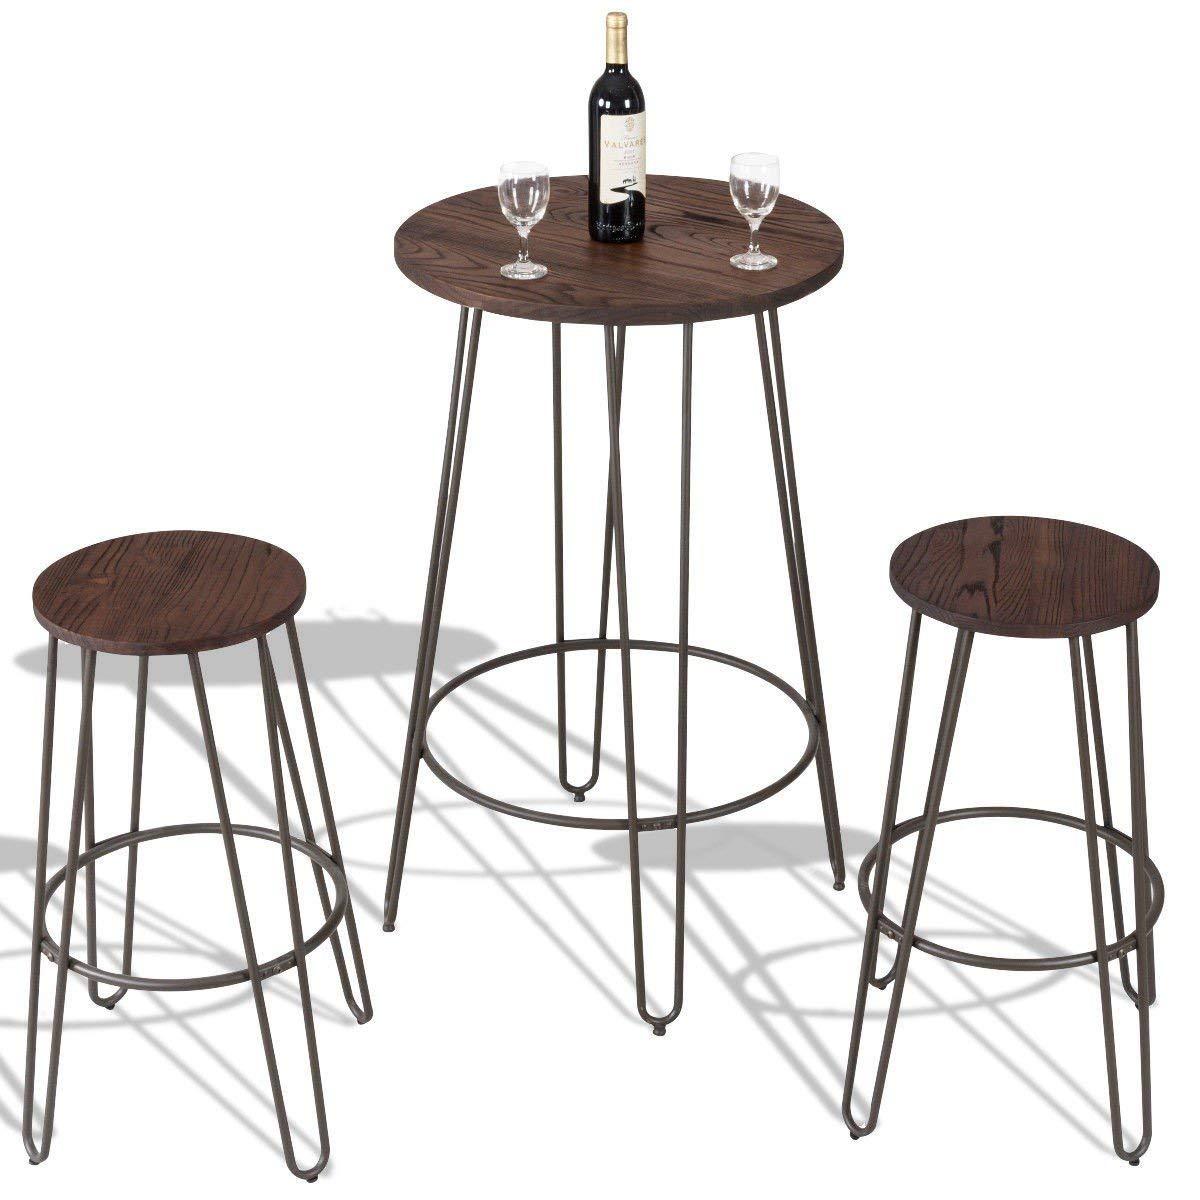 MyEasyShopping Wood Round Bar Table Bistro Stool Set Bar Set Round Table Bistro Stools Furniture Pub Breakfast Kitchen